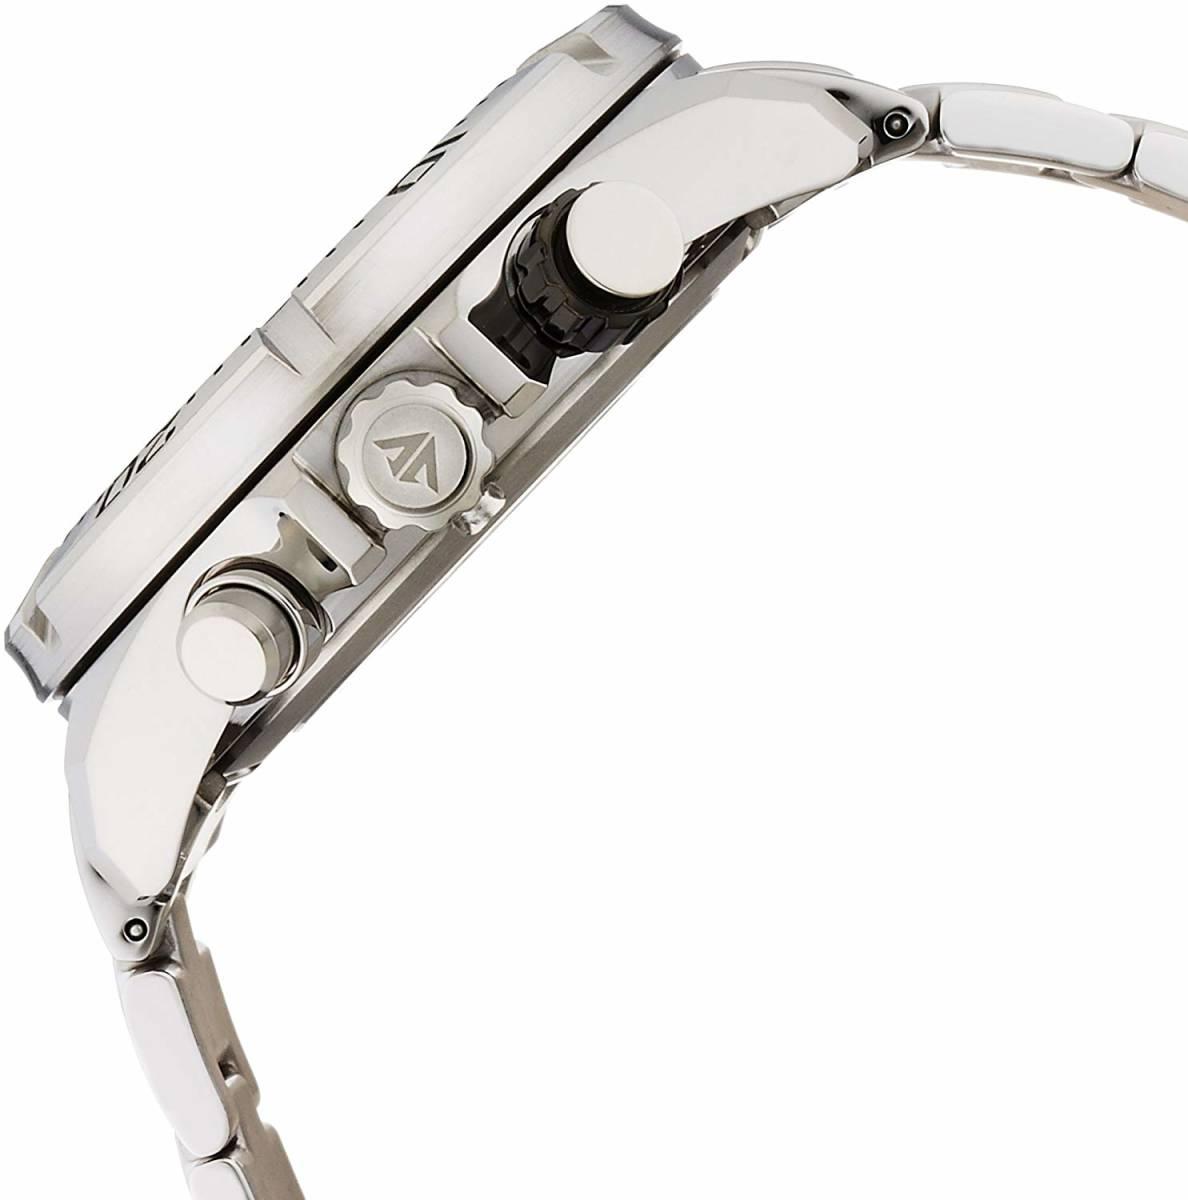 [シチズン]CITIZEN 腕時計 PROMASTER プロマスター エコ・ドライブ 電波時計 マリンシリーズ 200m ダイバー PMD56-3081 メンズ -536-_画像3